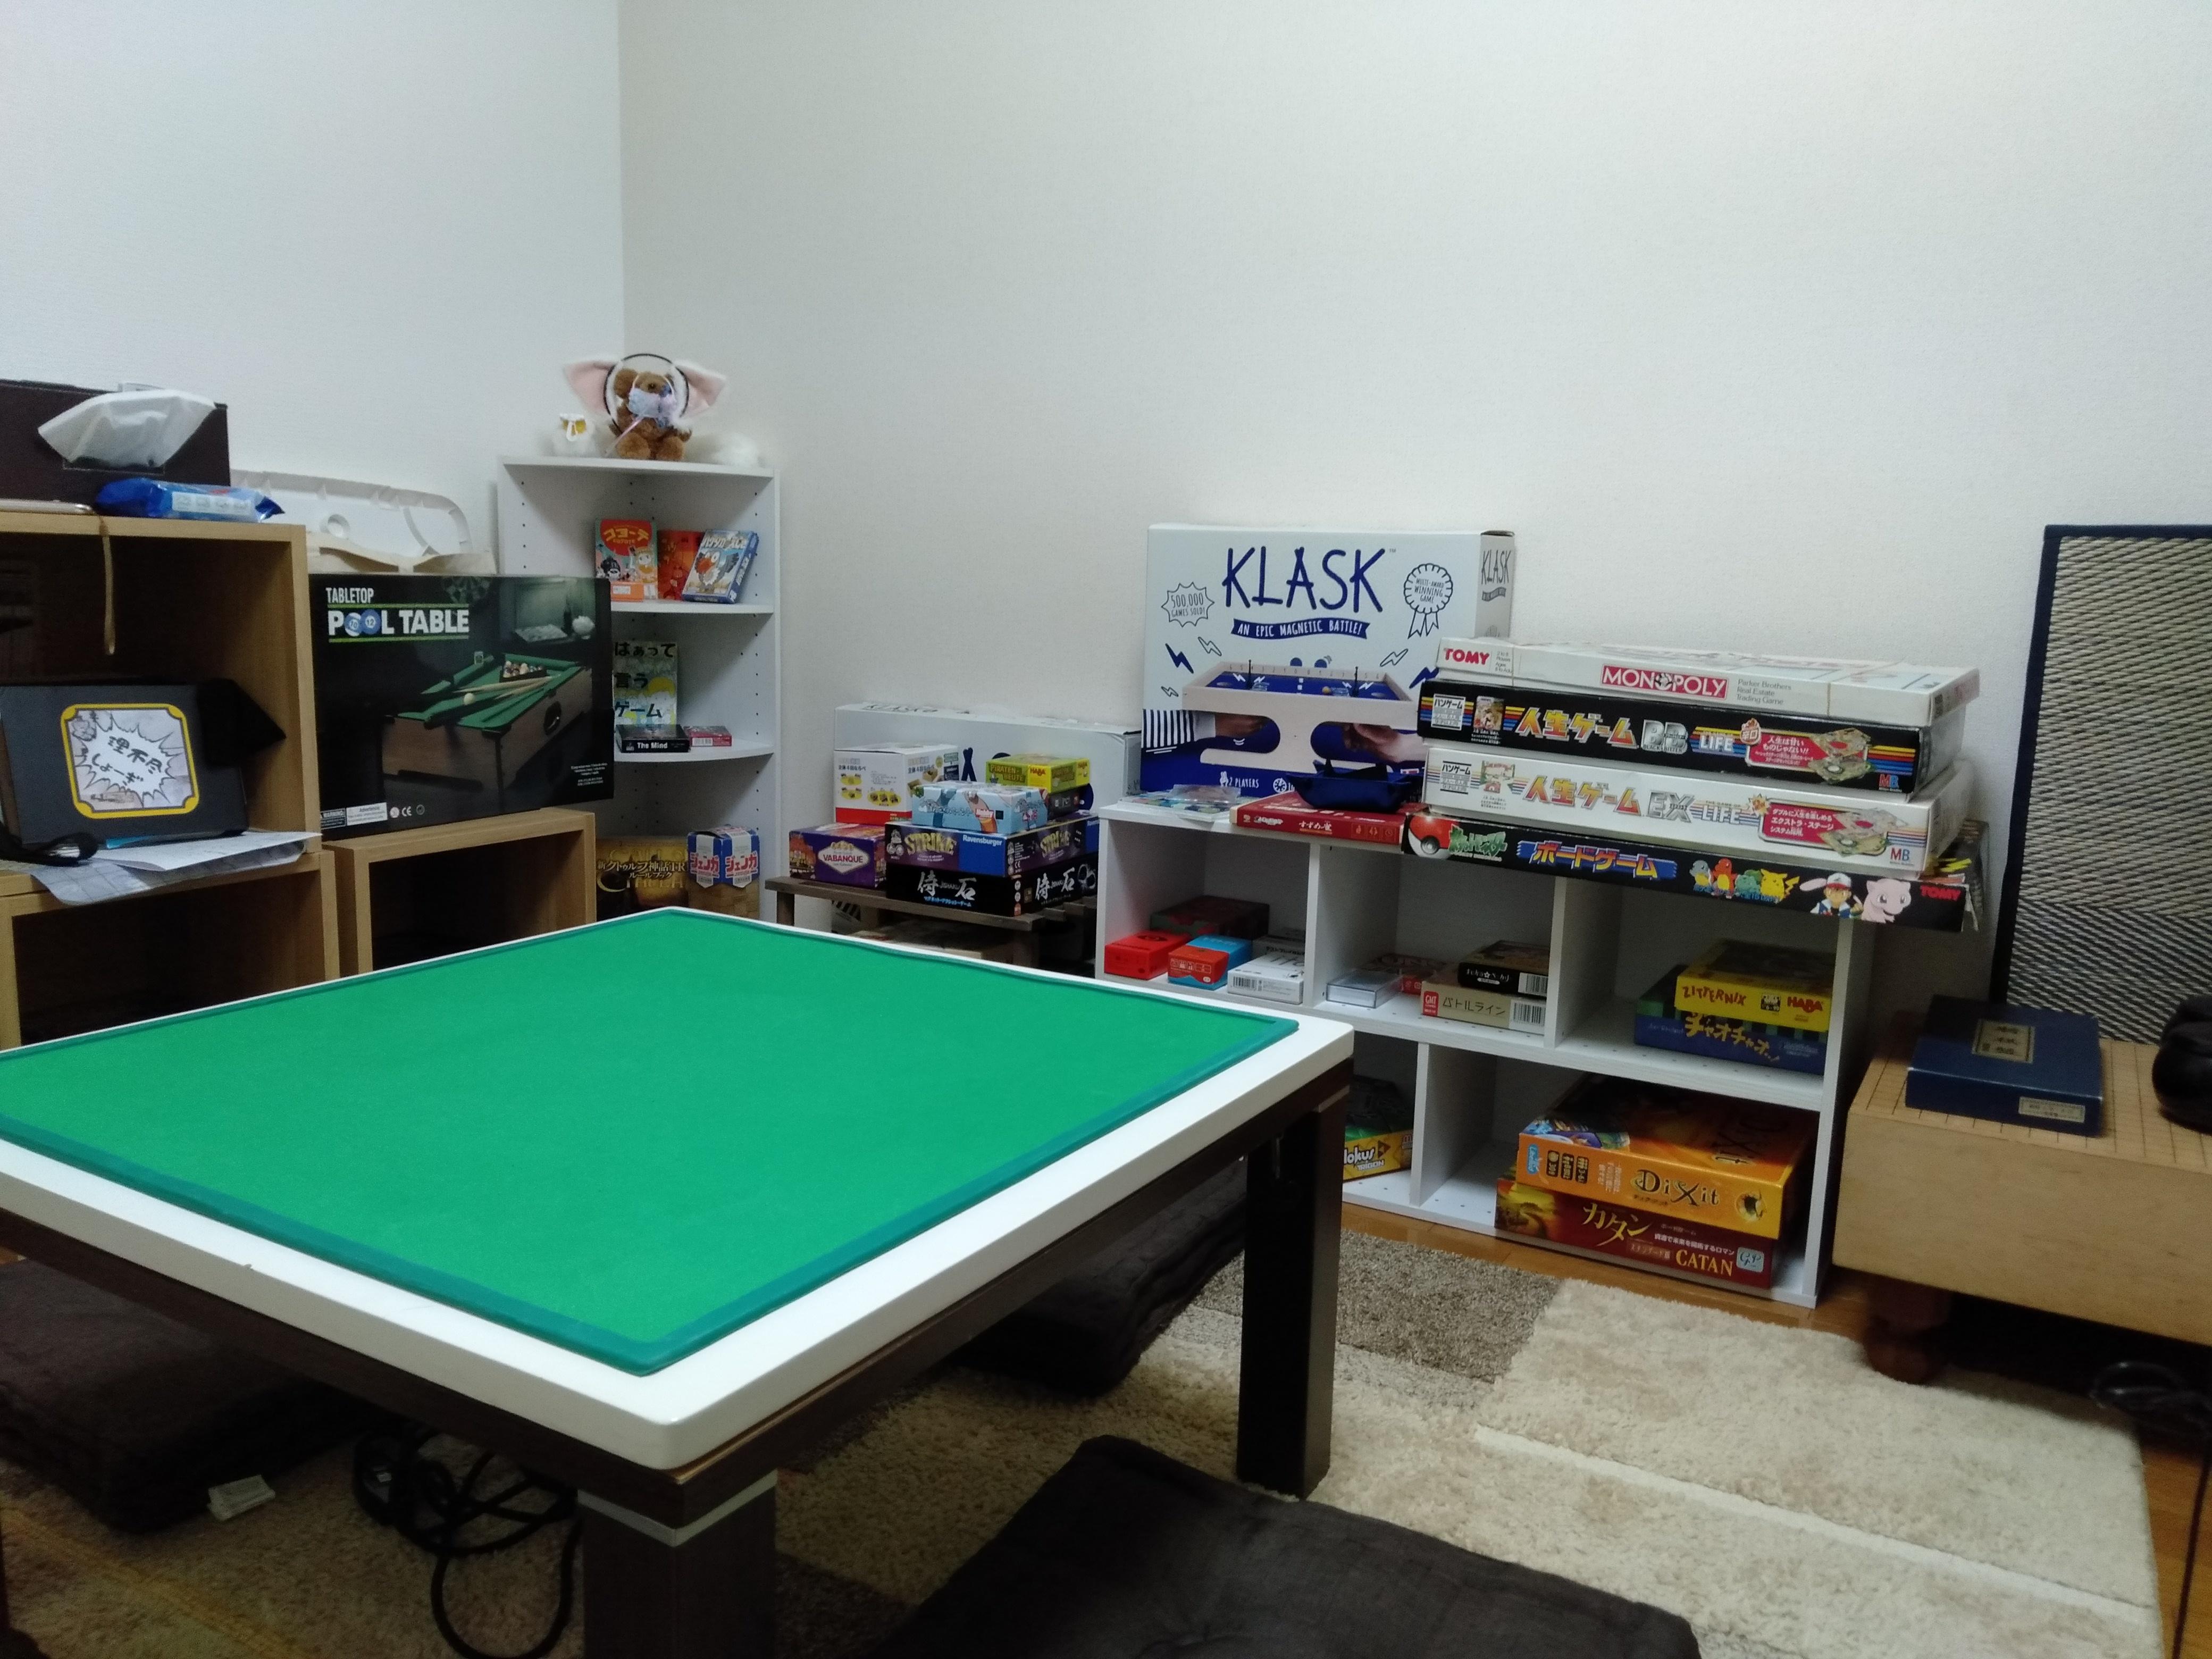 ボードゲームスペース ひとまちcafe(ボードゲームスペースひとまちカフェ)